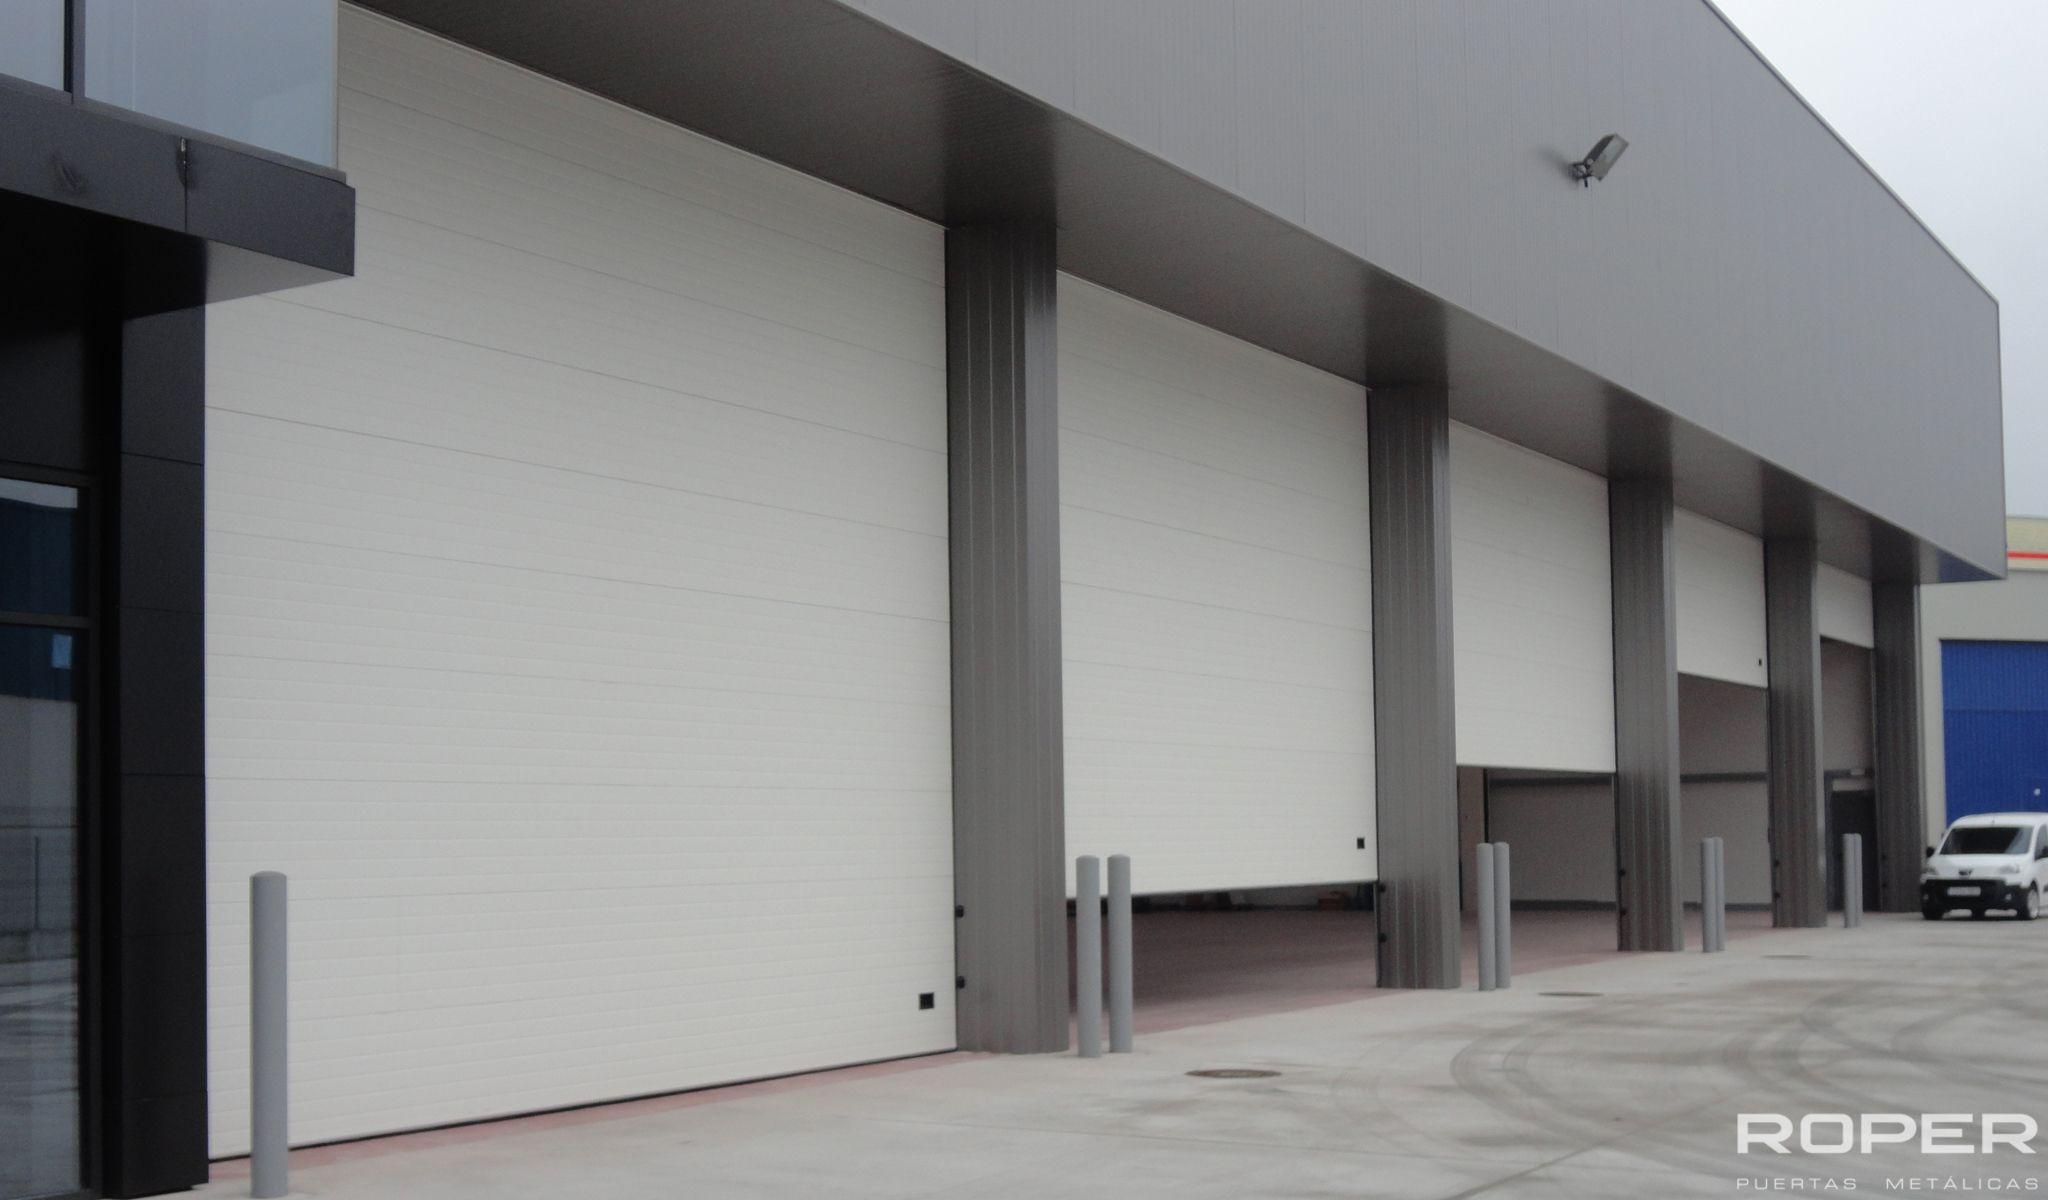 Puertas met licas industriales adecuaci n a tu empresa - Puertas roper ...